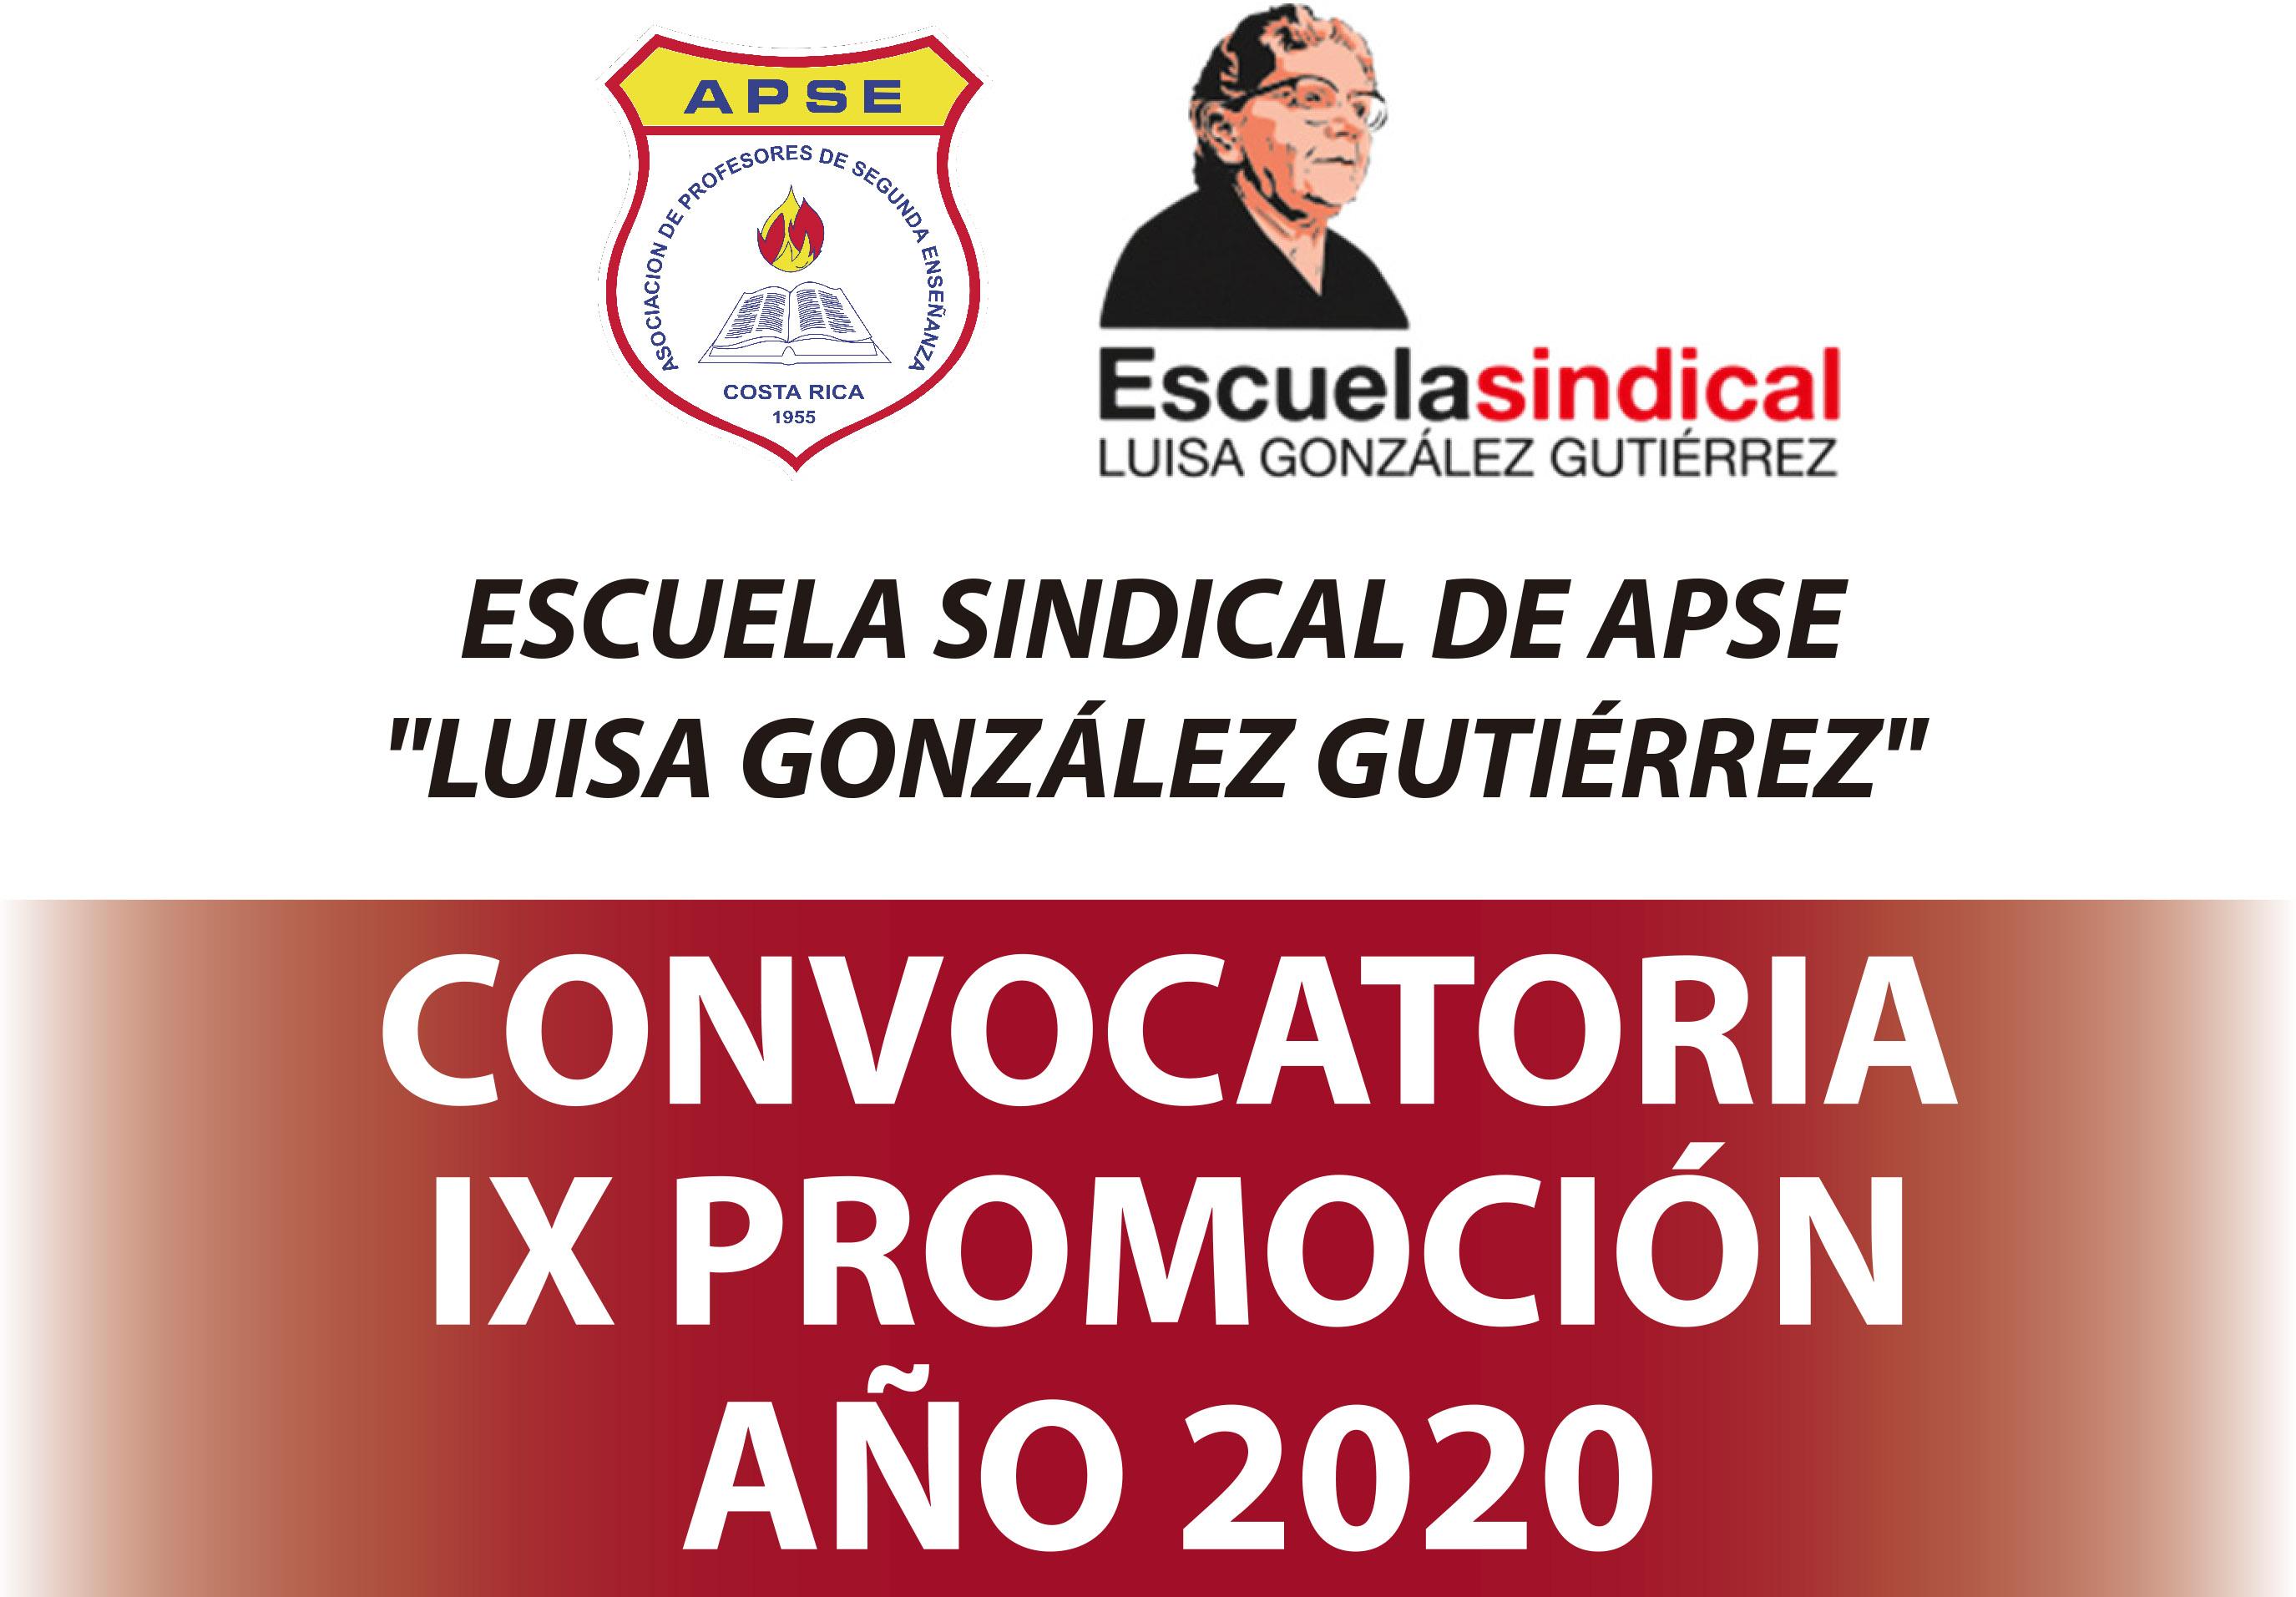 ESCUELA SINDICAL DE APSE: CONVOCATORIA IX PROMOCIÓN, AÑO 2020